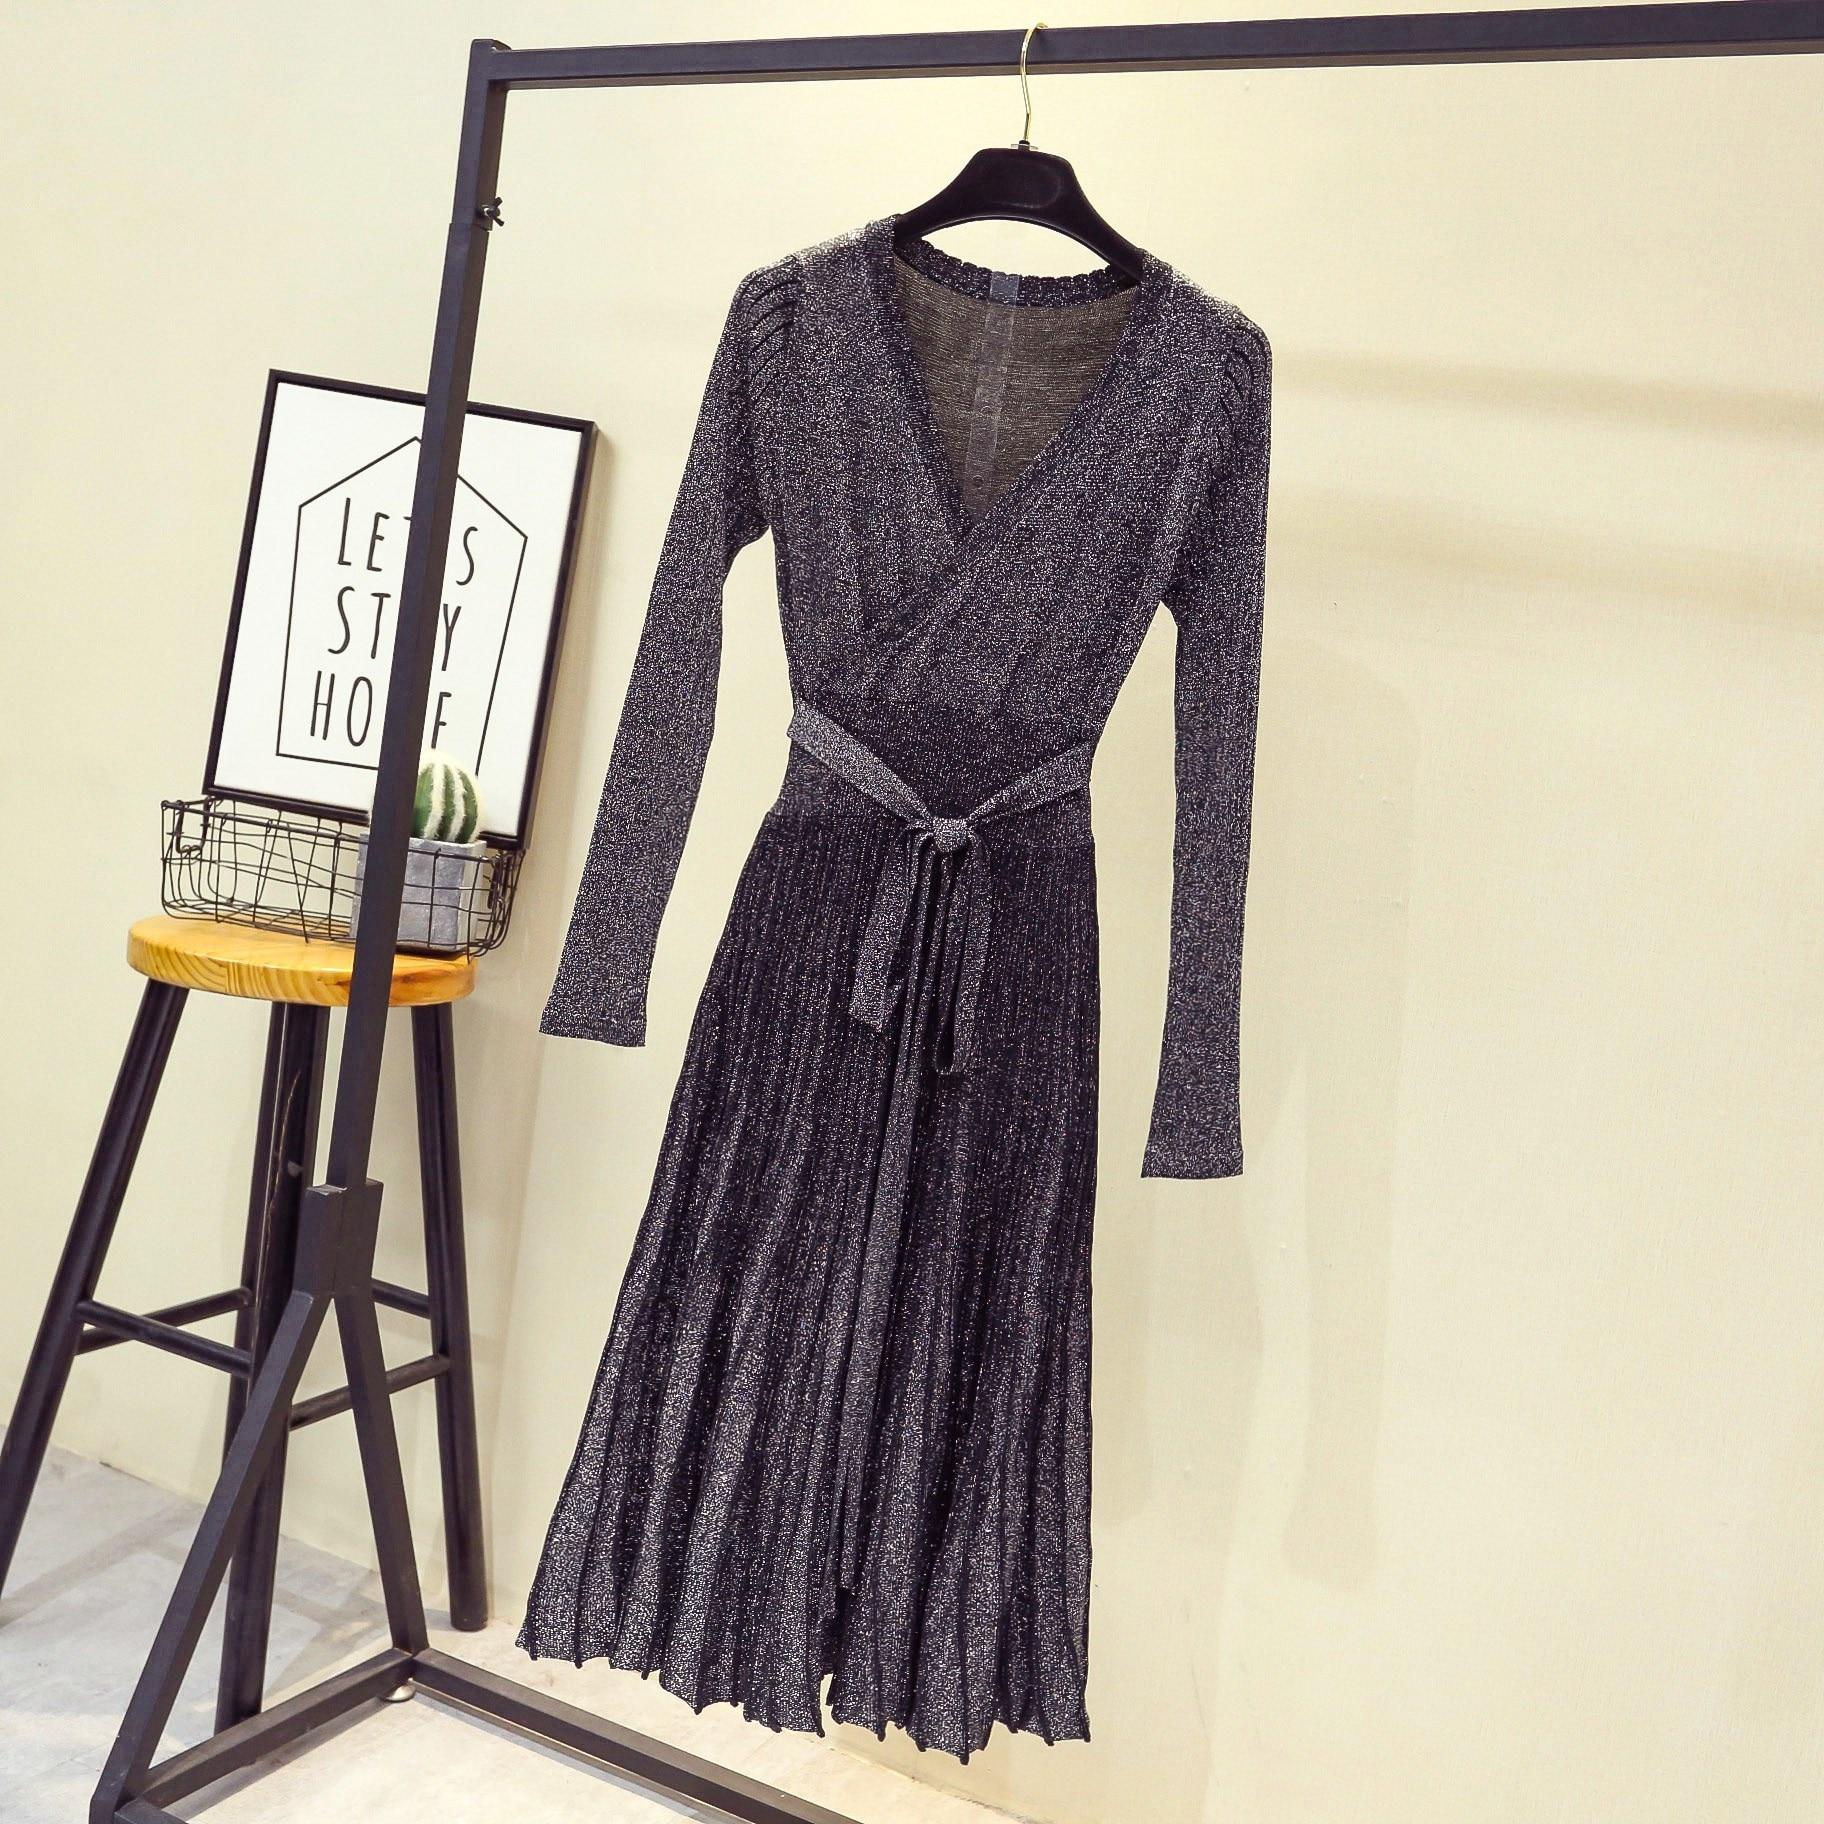 37e23033d1820 Printemps-Automne-Pull-Pliss-robe -pour-femmes-De-Mode-V-cou-manches-longues-lacets-Tricot-jupettes.jpg